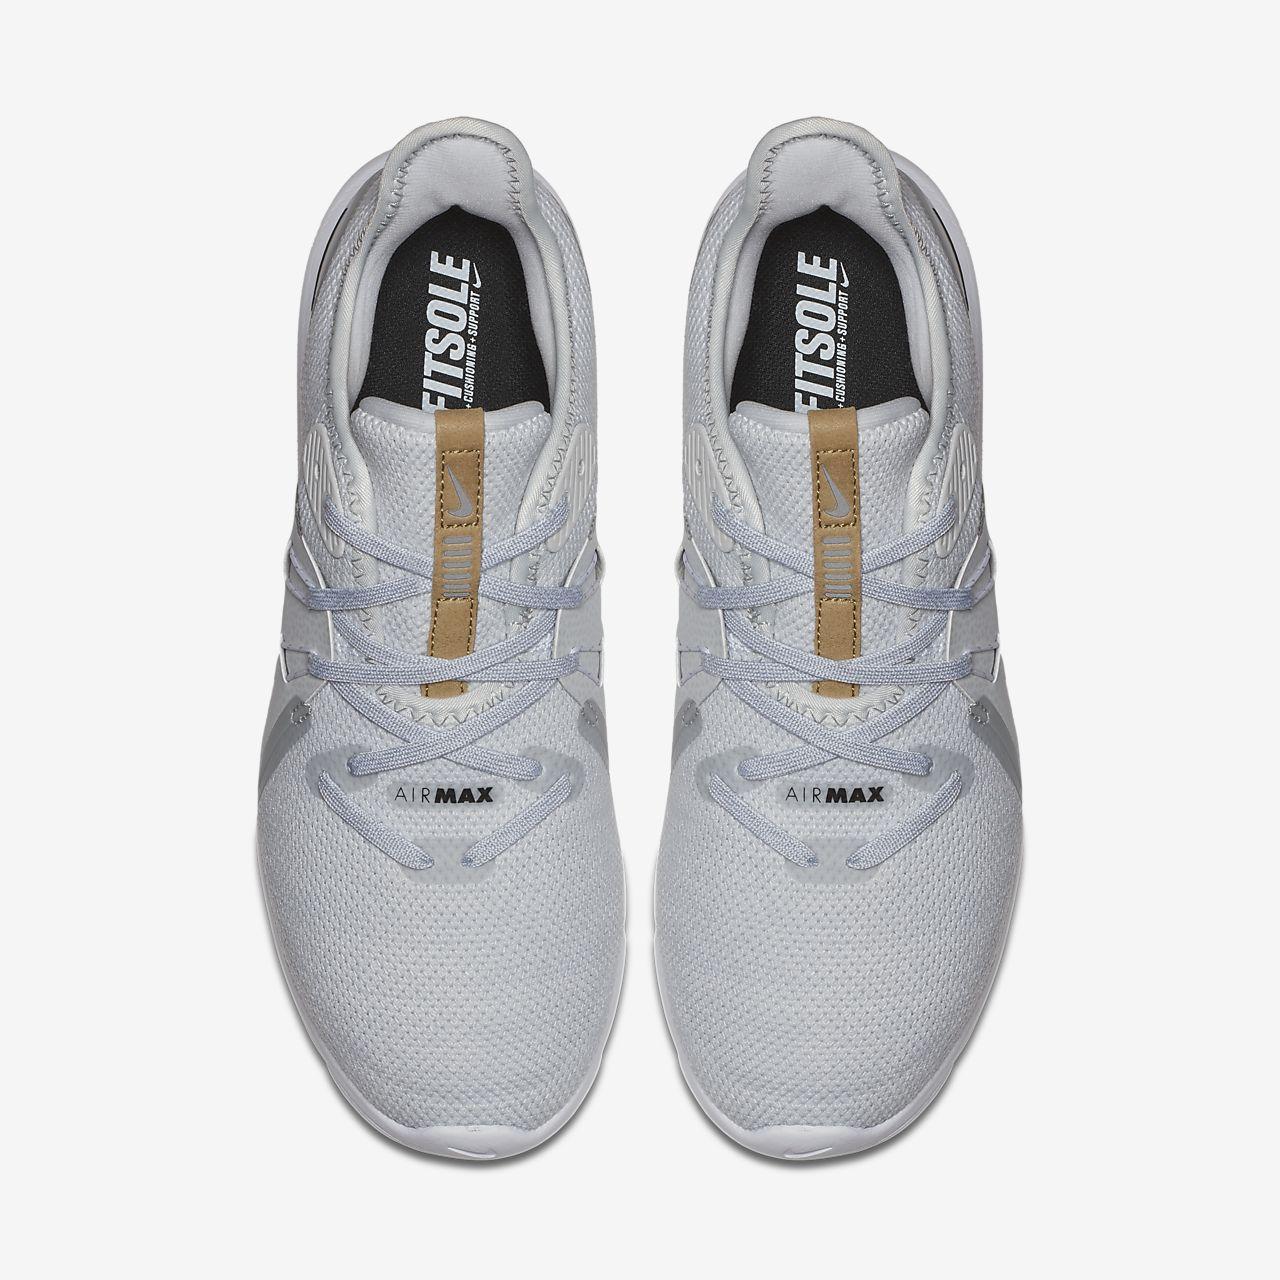 reputable site c623c 4481a ... Nike Air Max Sequent 3 Kadın Ayakkabısı